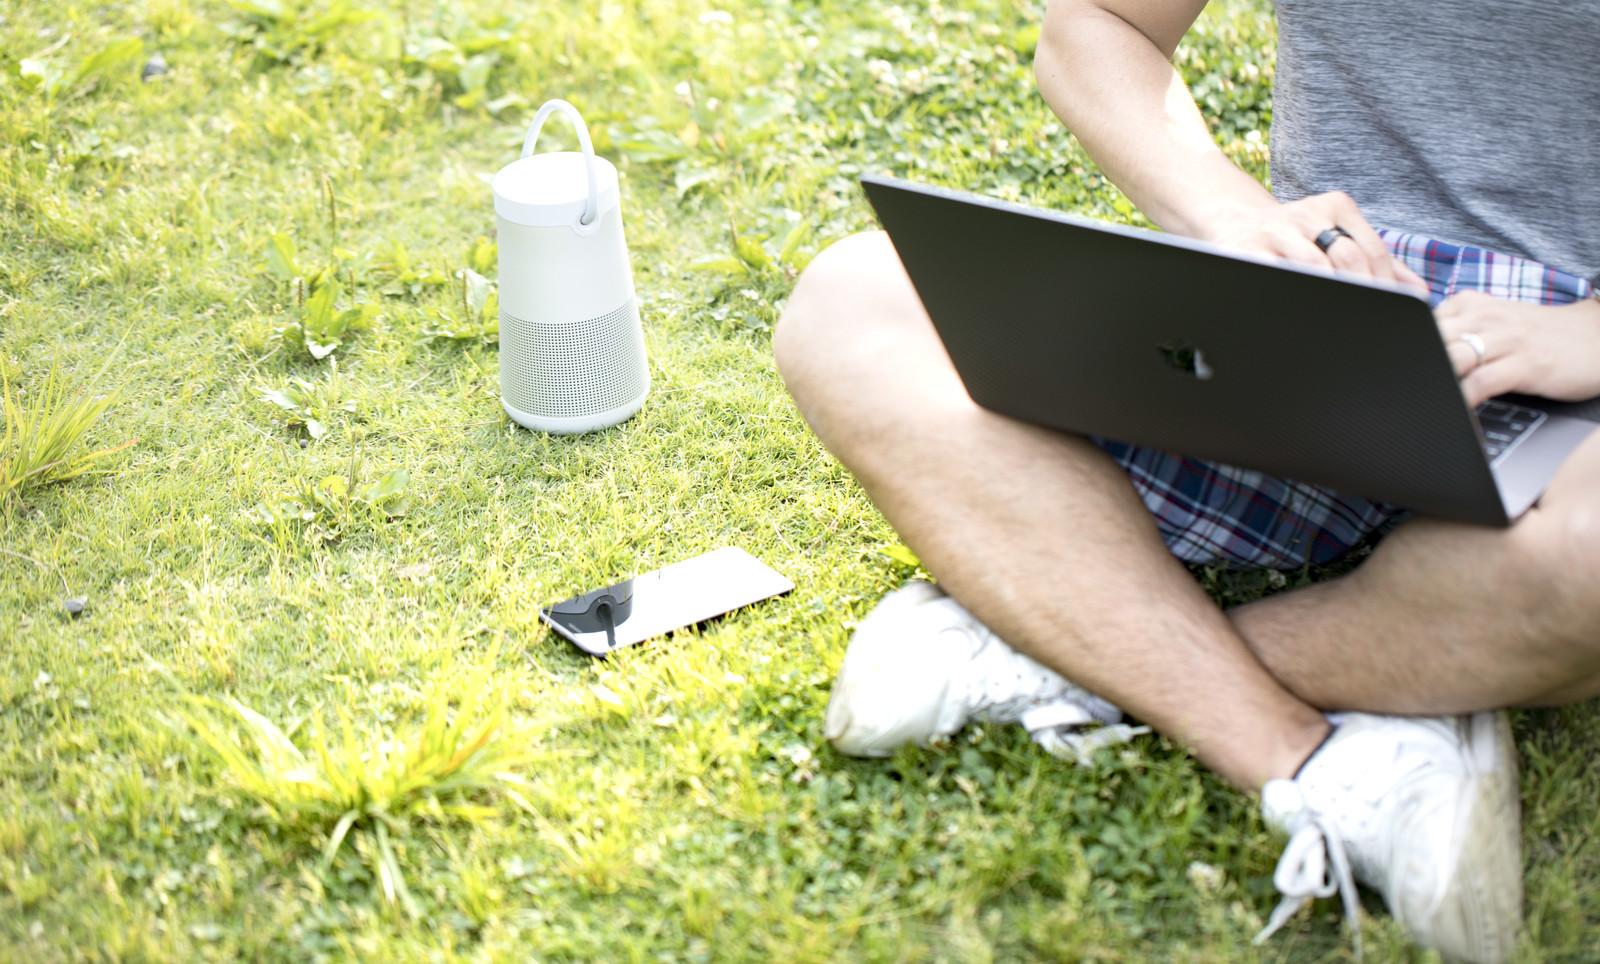 ブログで稼ごうとライターに記事を頼もうかパソコンで探している男性の画像